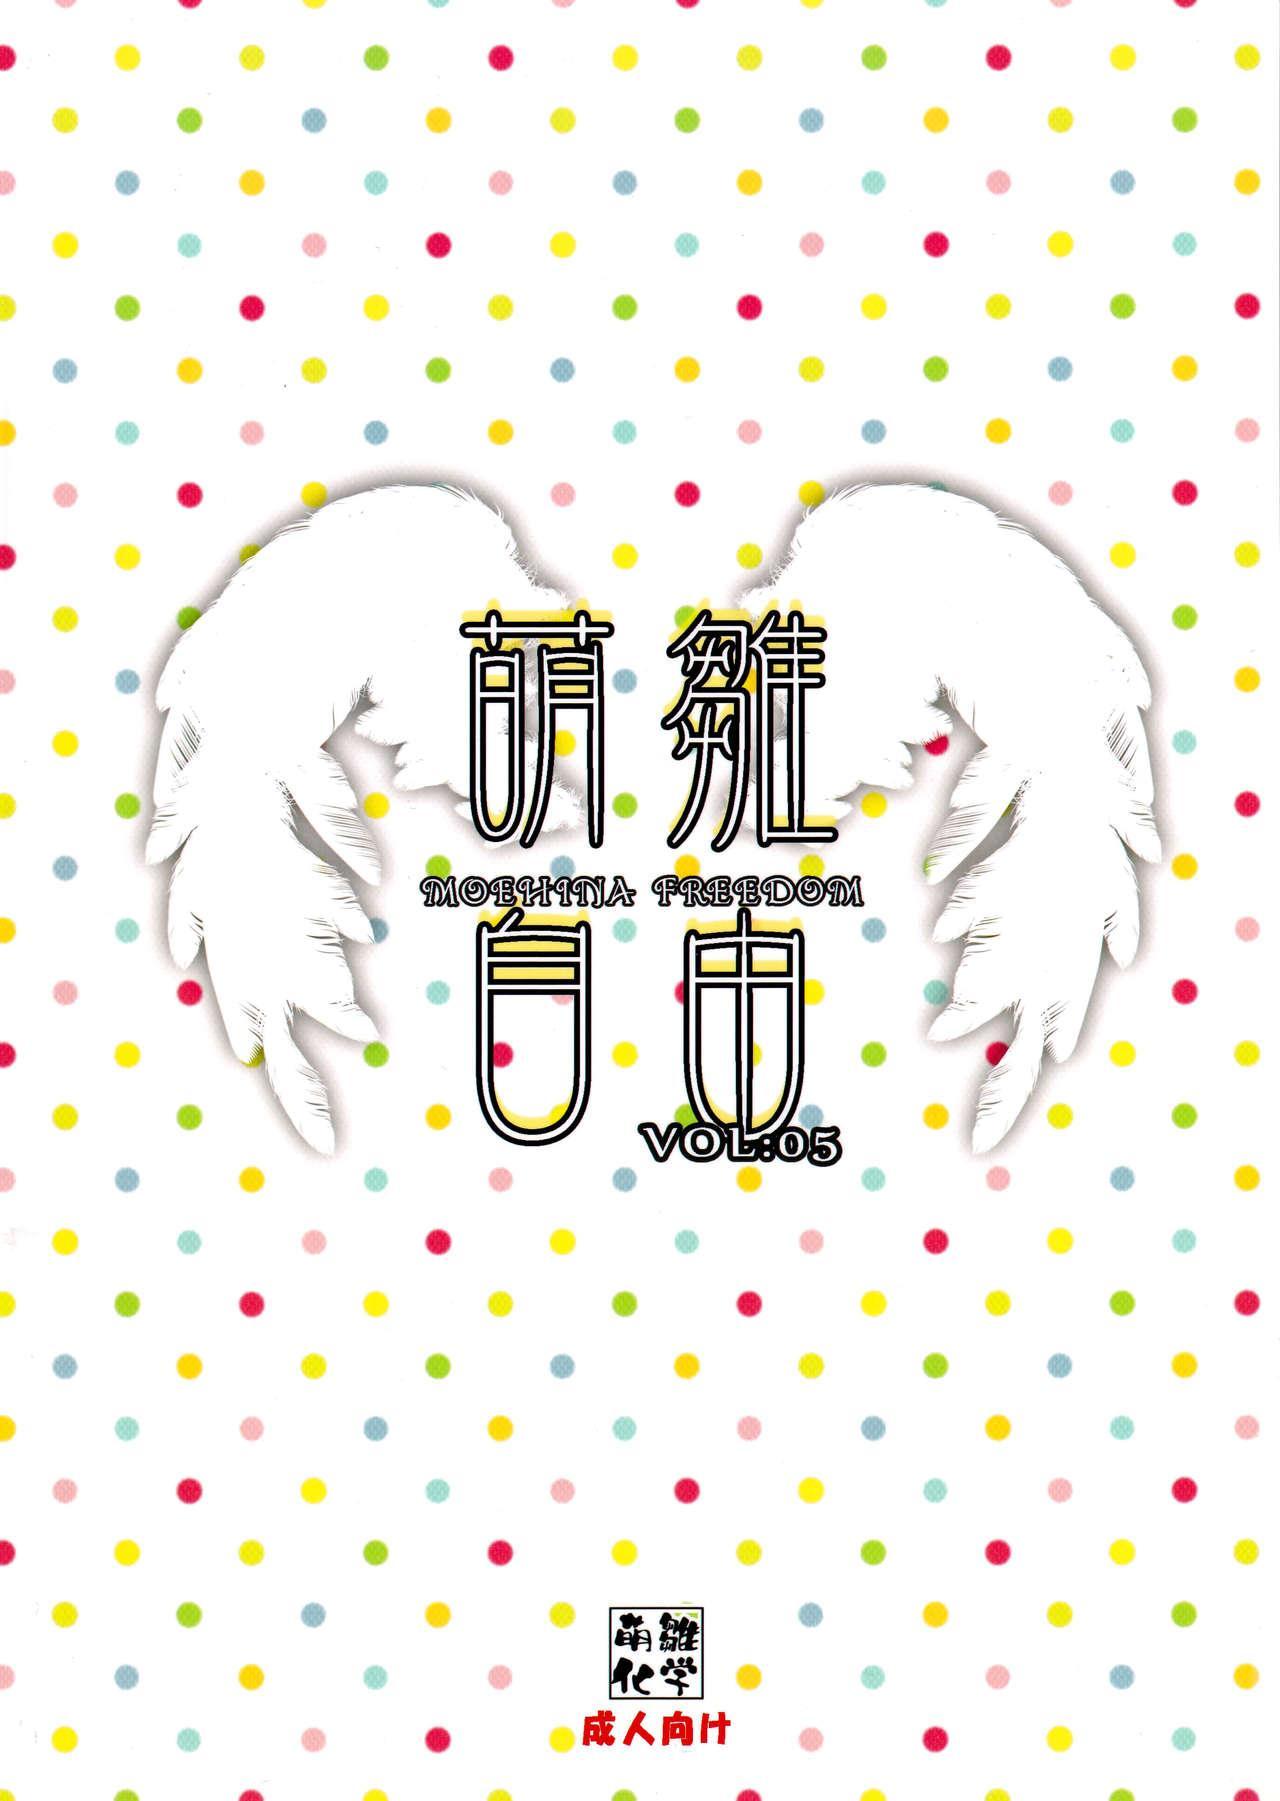 Moehina Jiyuu vol: 05 - Moehina Freedom 17